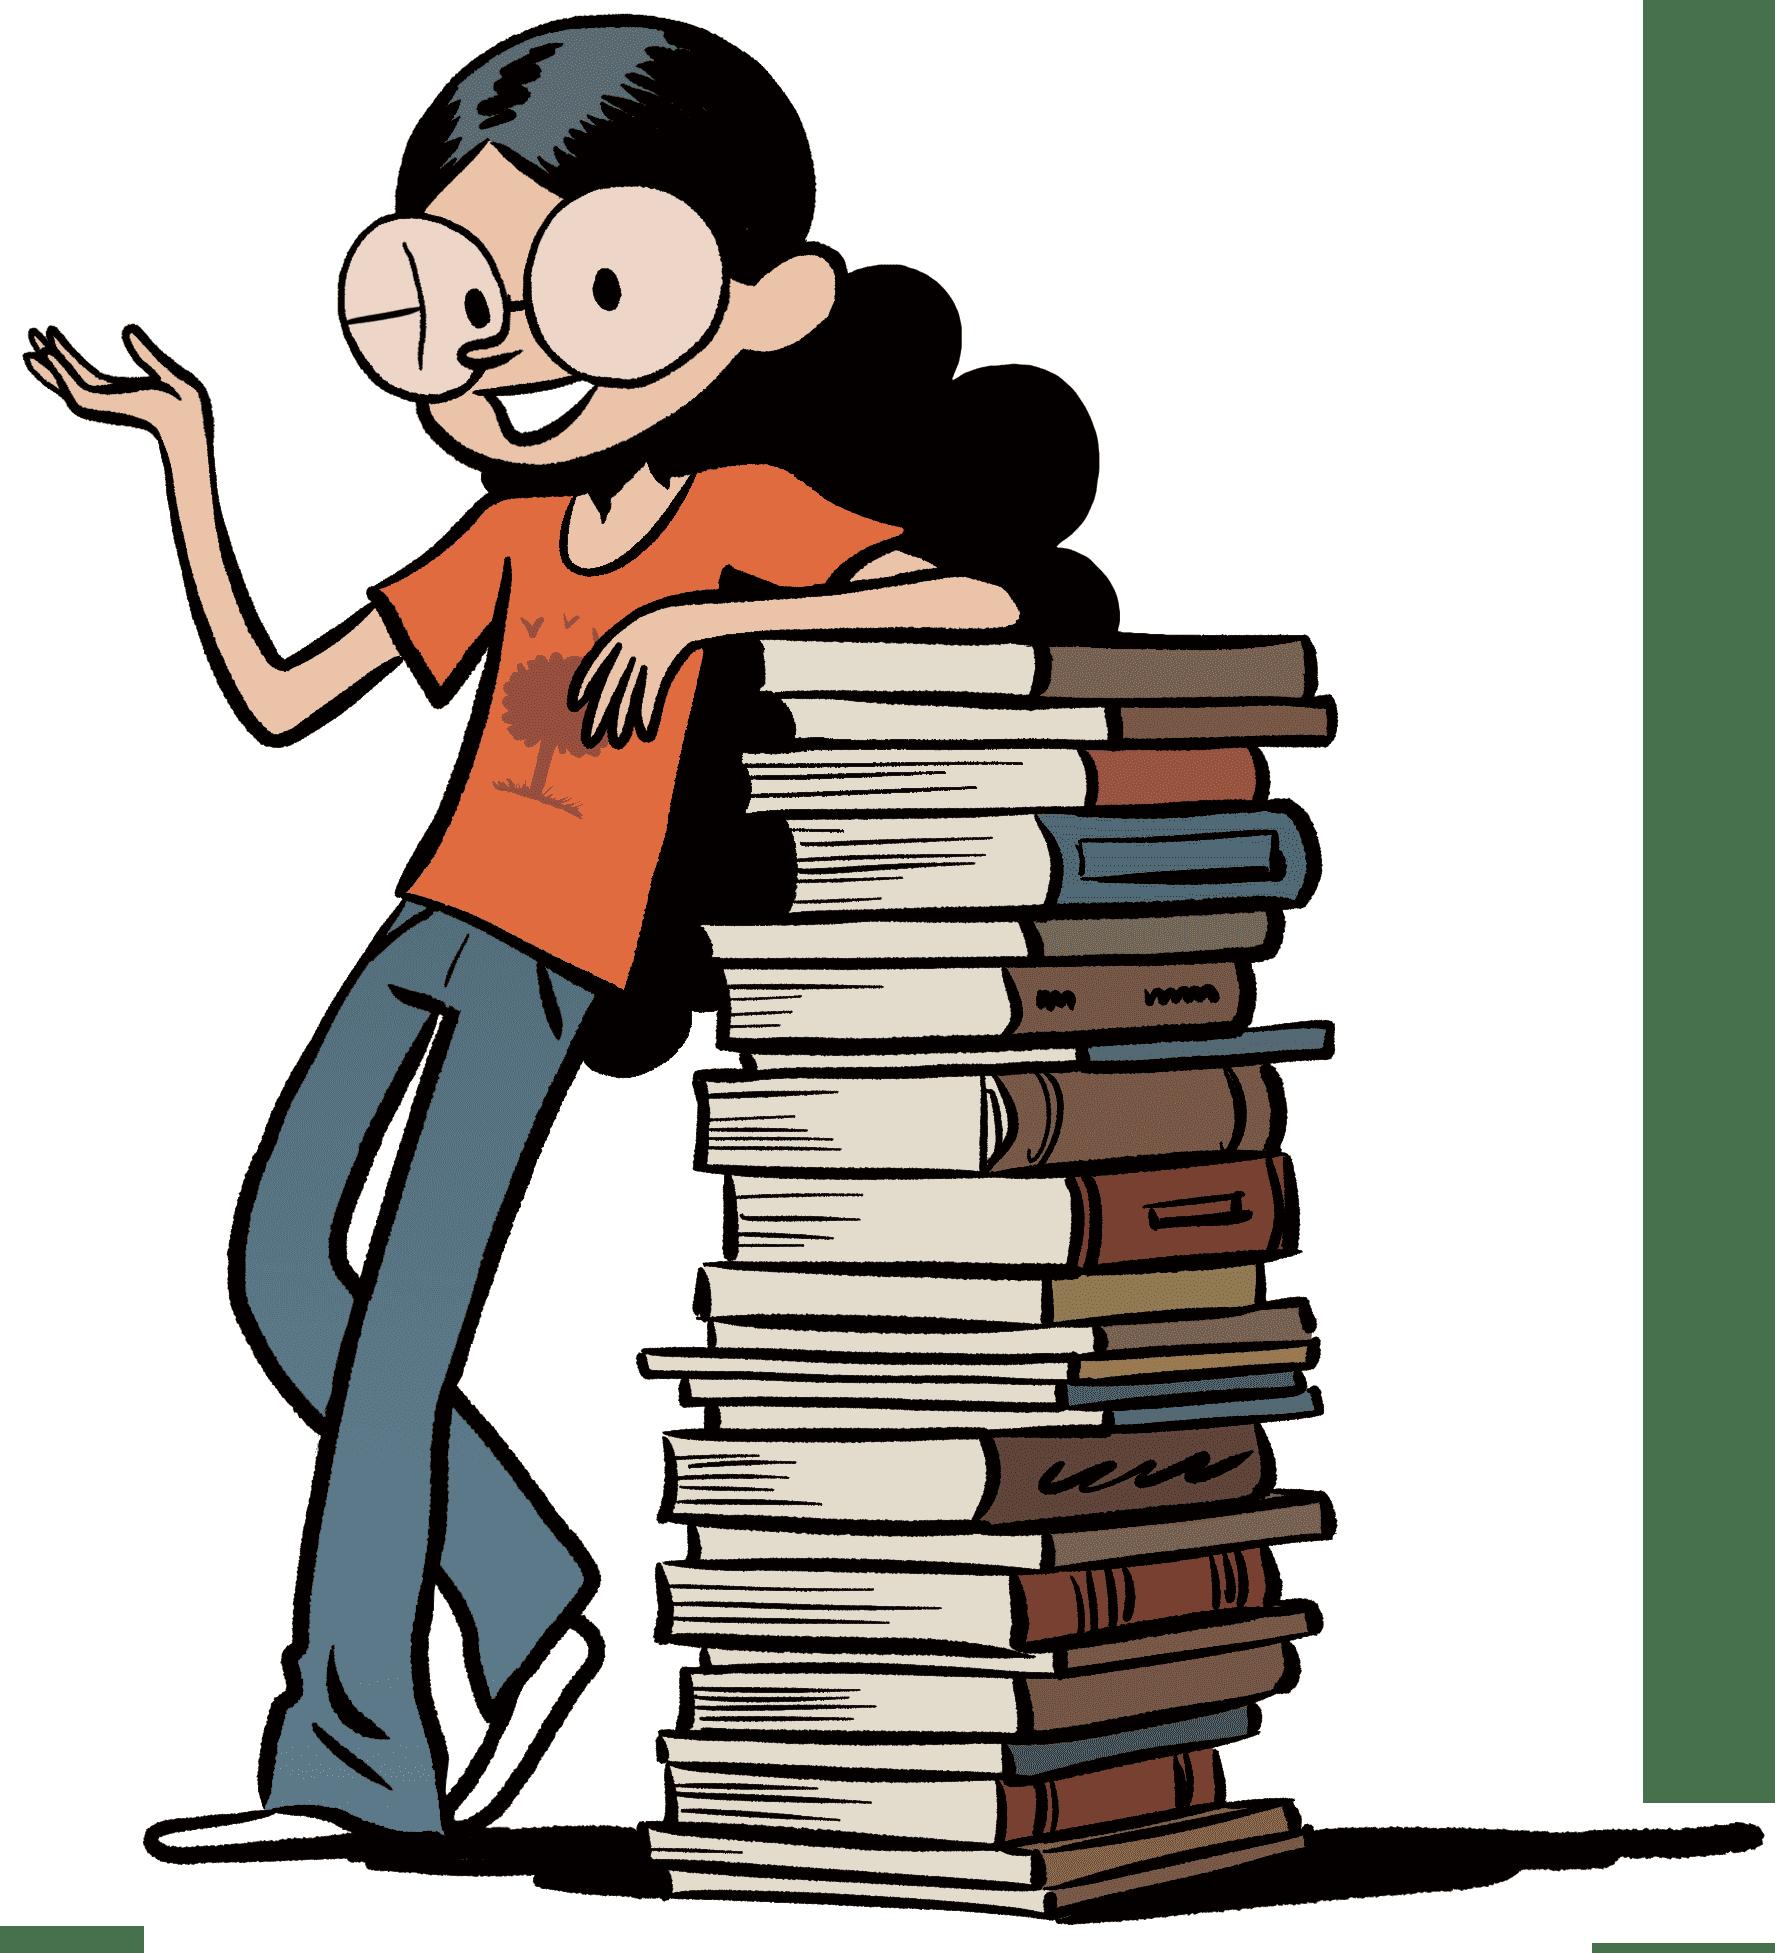 Ariane et livres